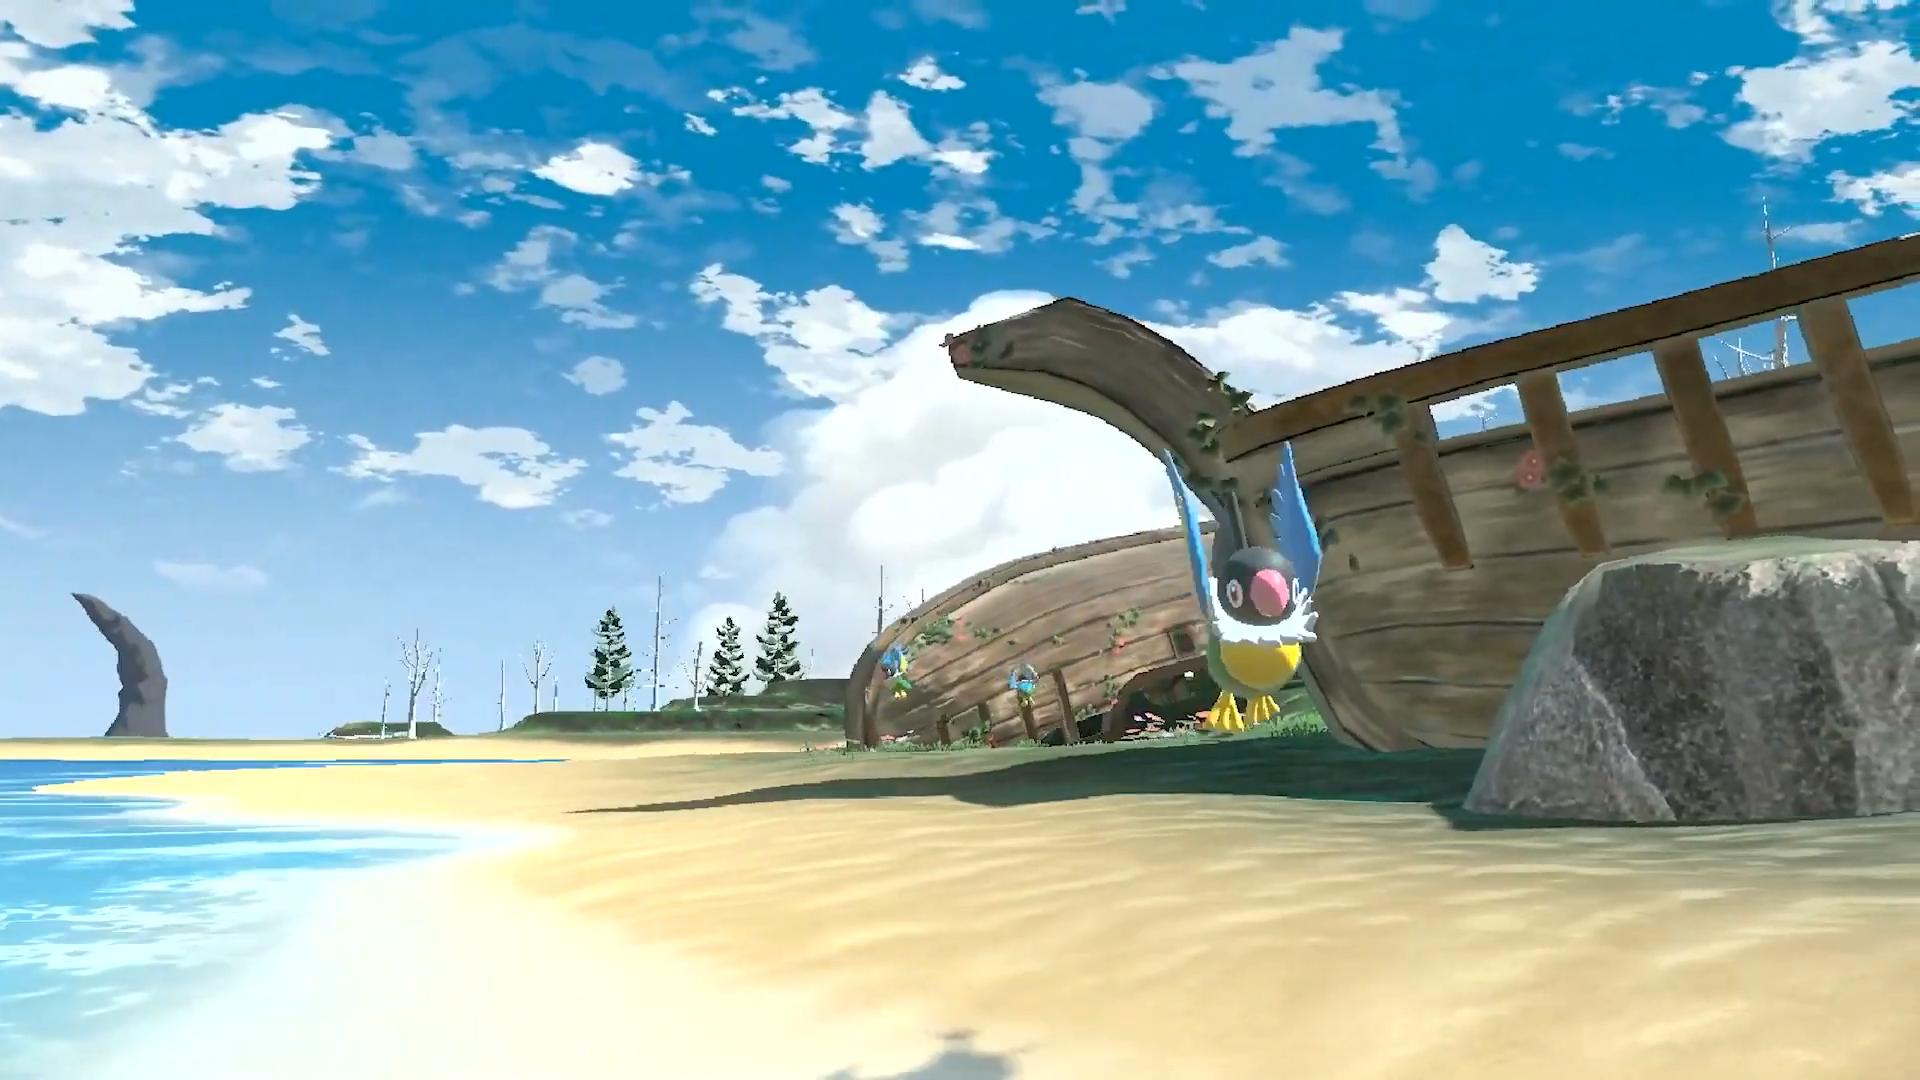 pokemon on the beach